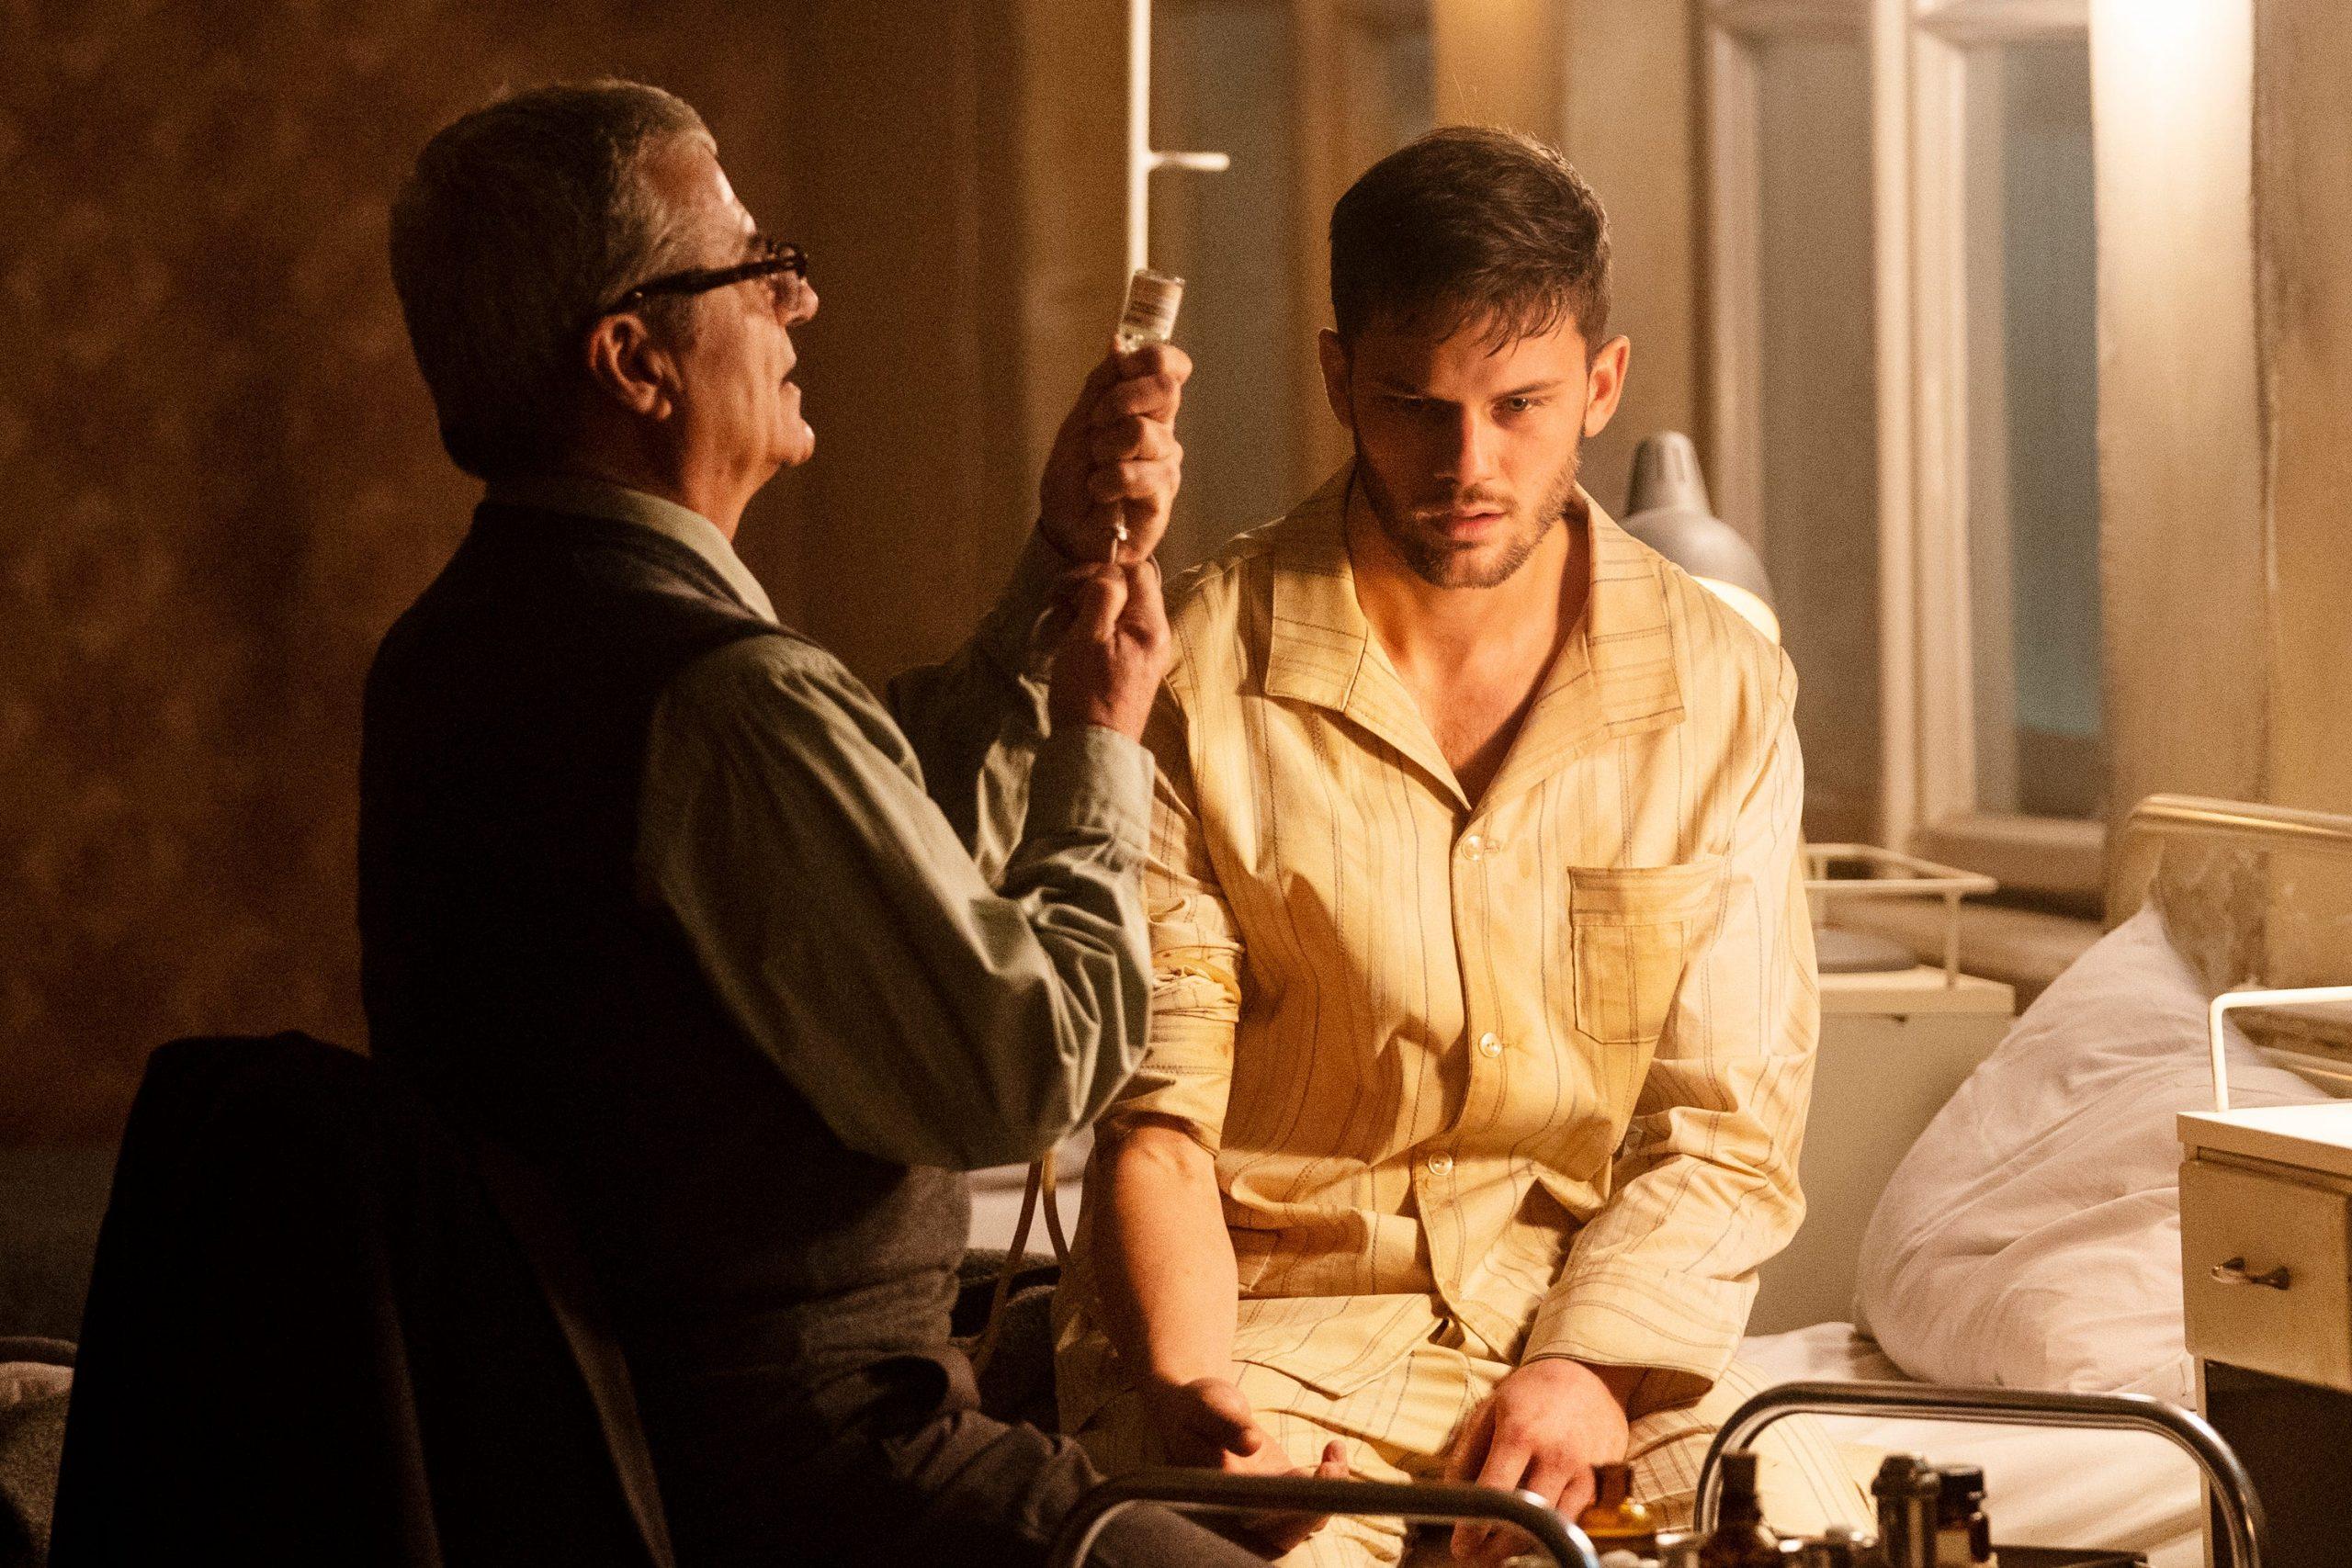 Conexión Jason Bourne de Treadstone, explicada 4